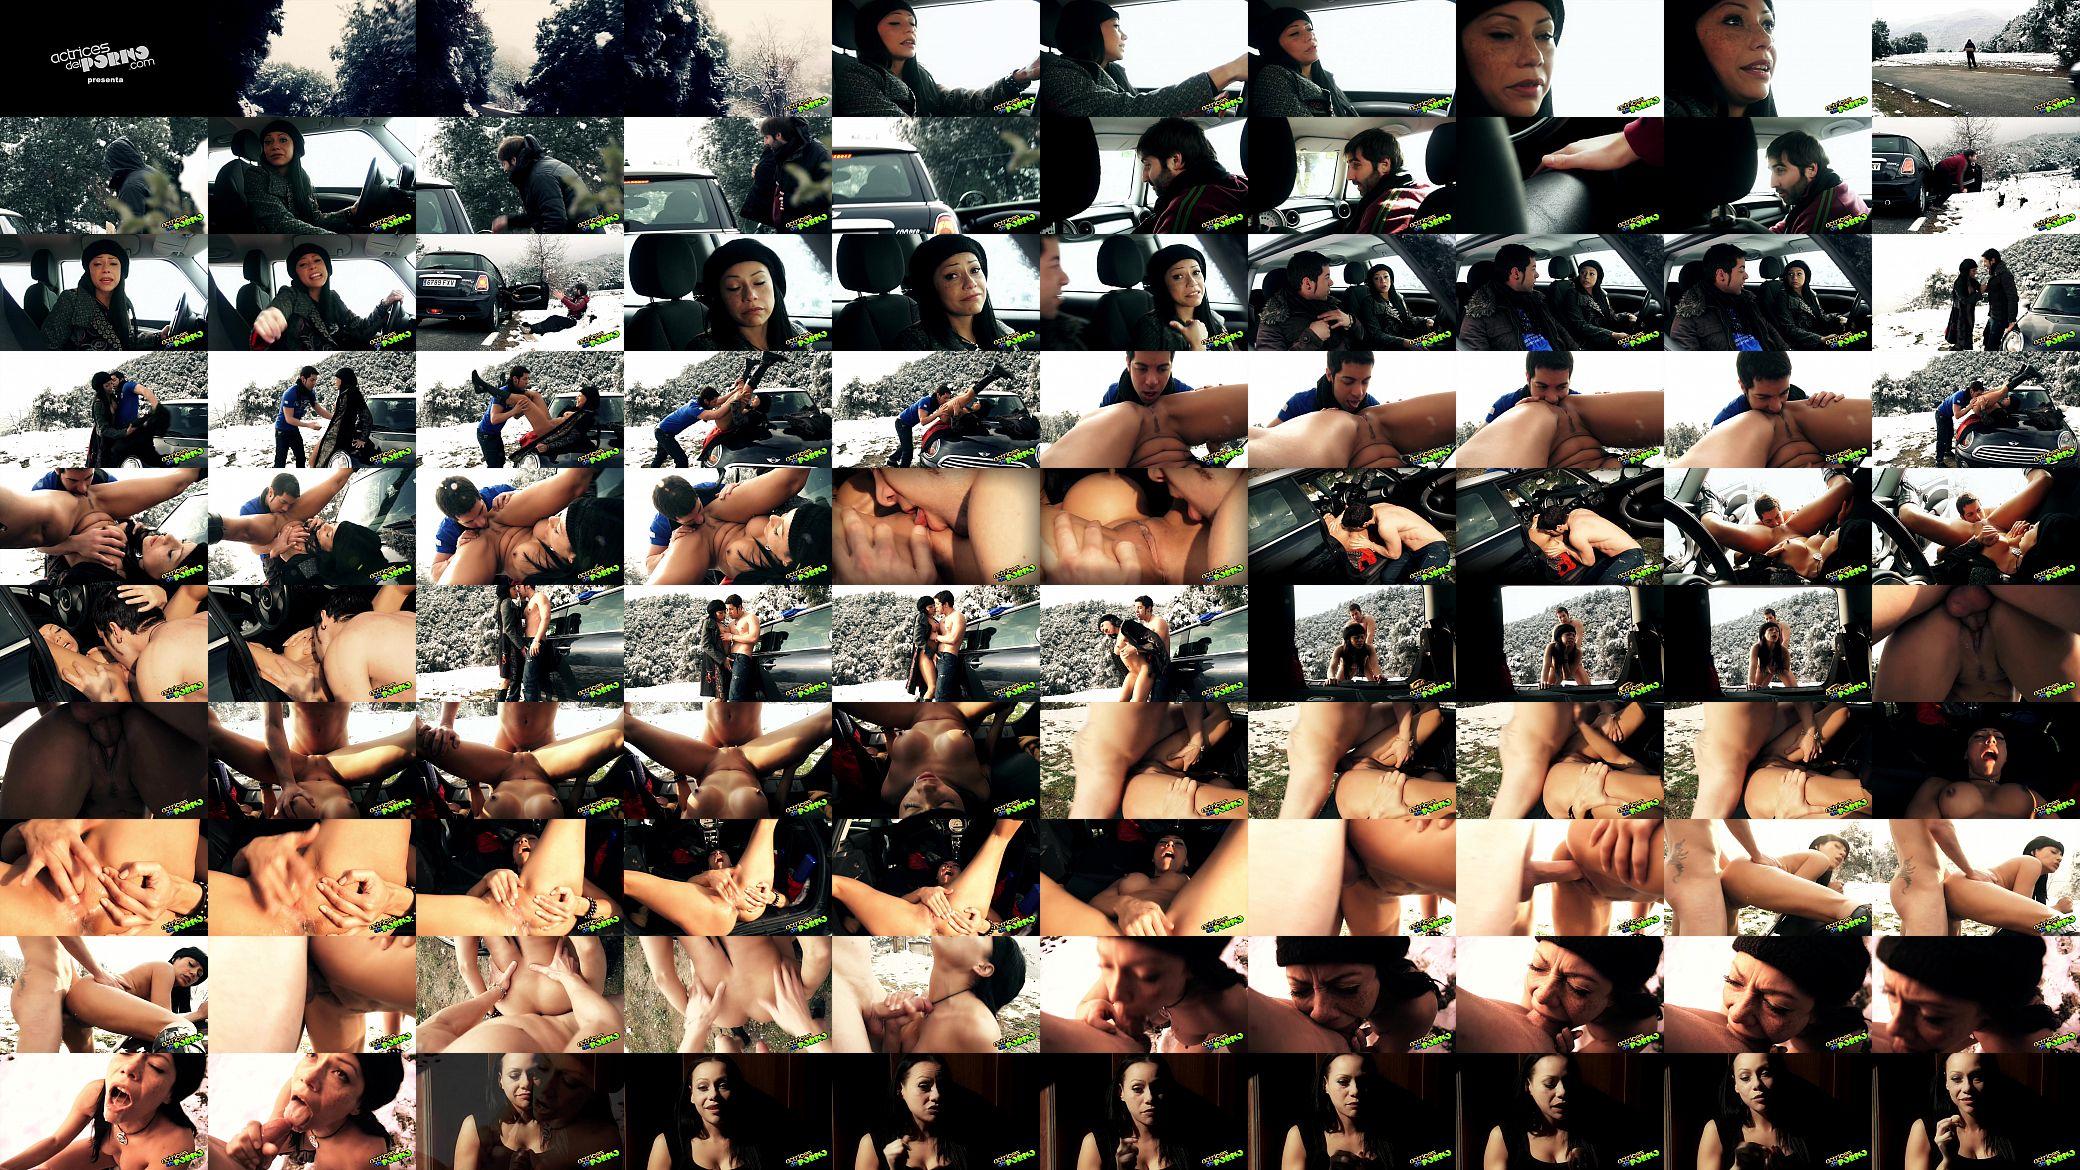 Autoestopista Porno lara y su mini el autoestopista - xnxx